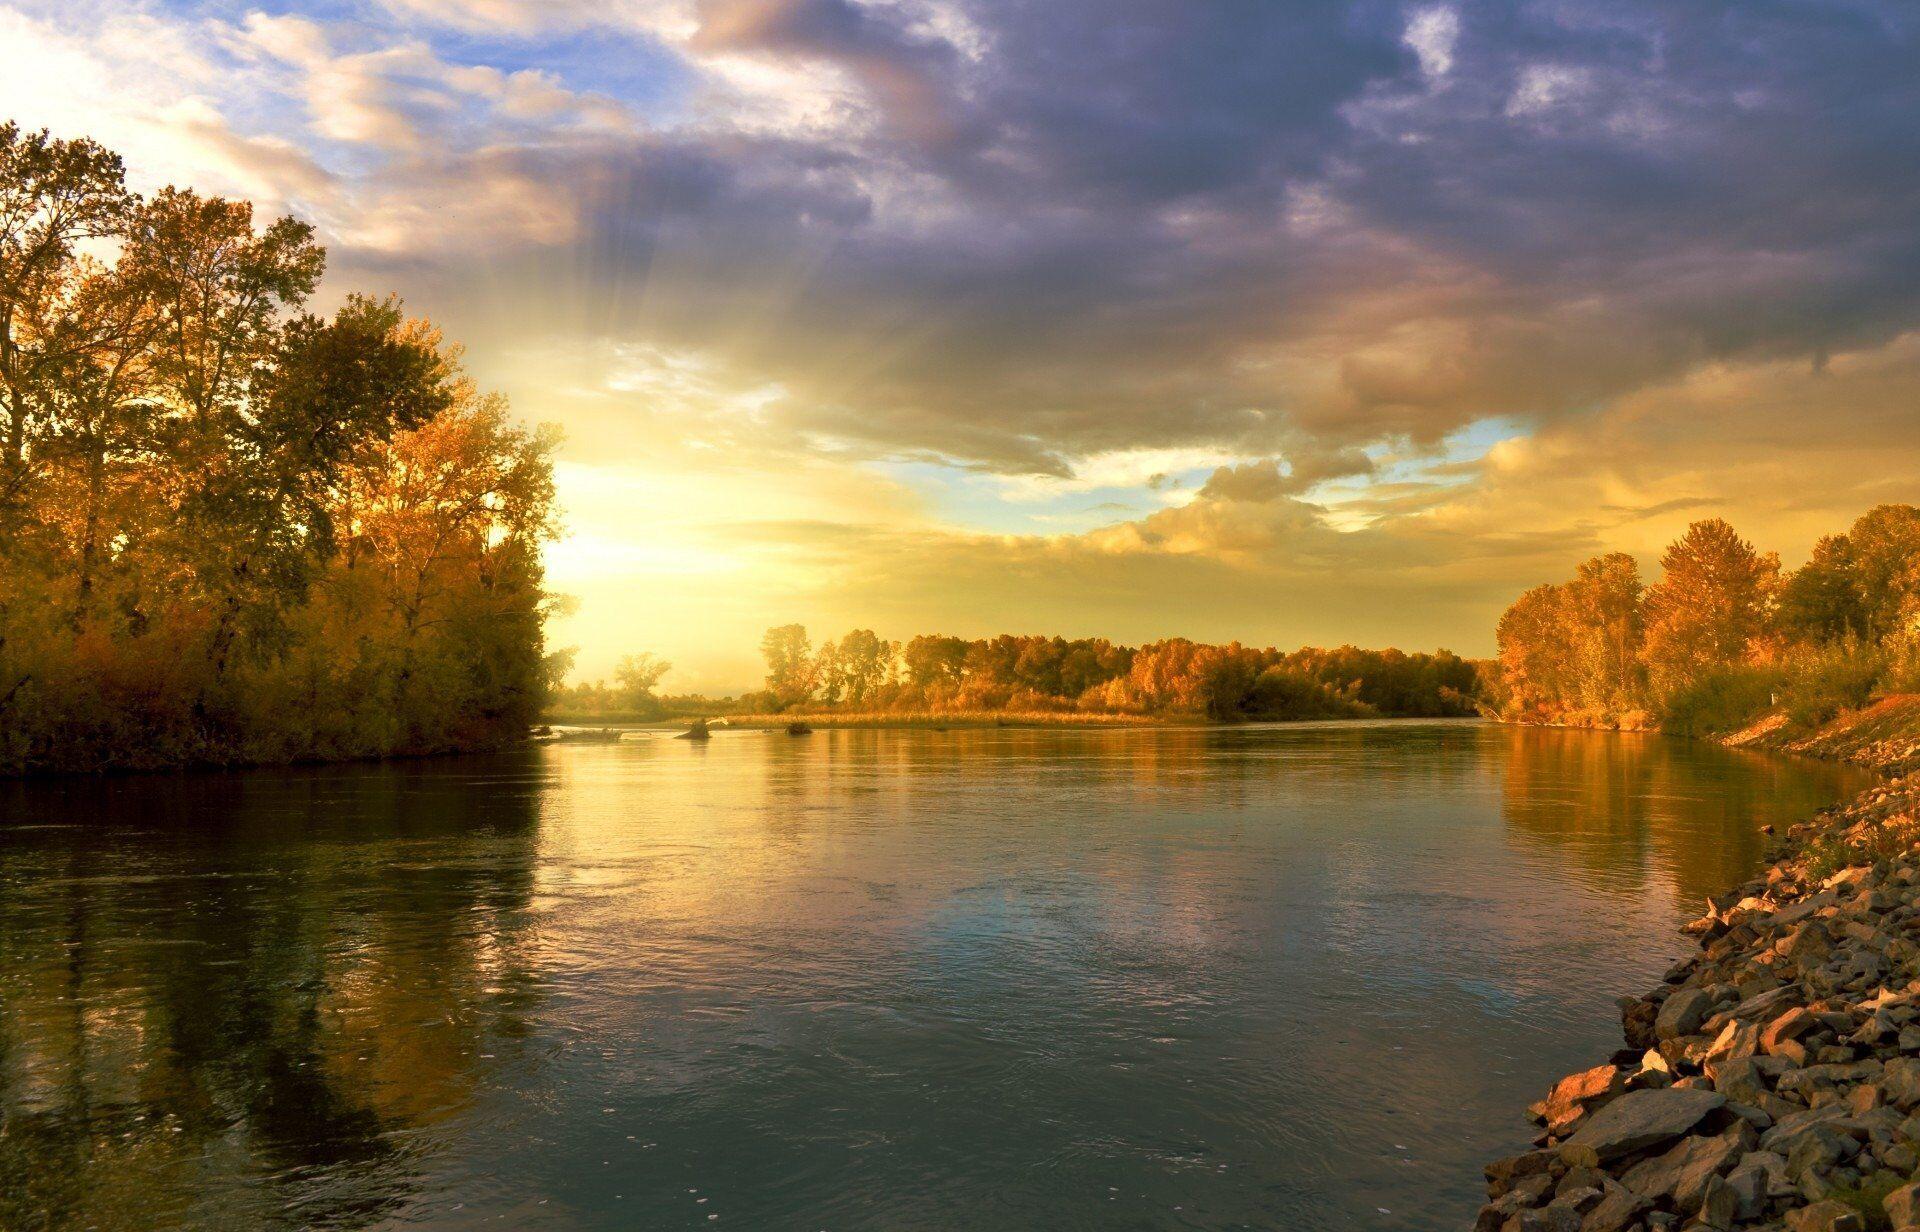 Після осіннього рівнодення день продовжує скорочуватися до зимового сонцестояння